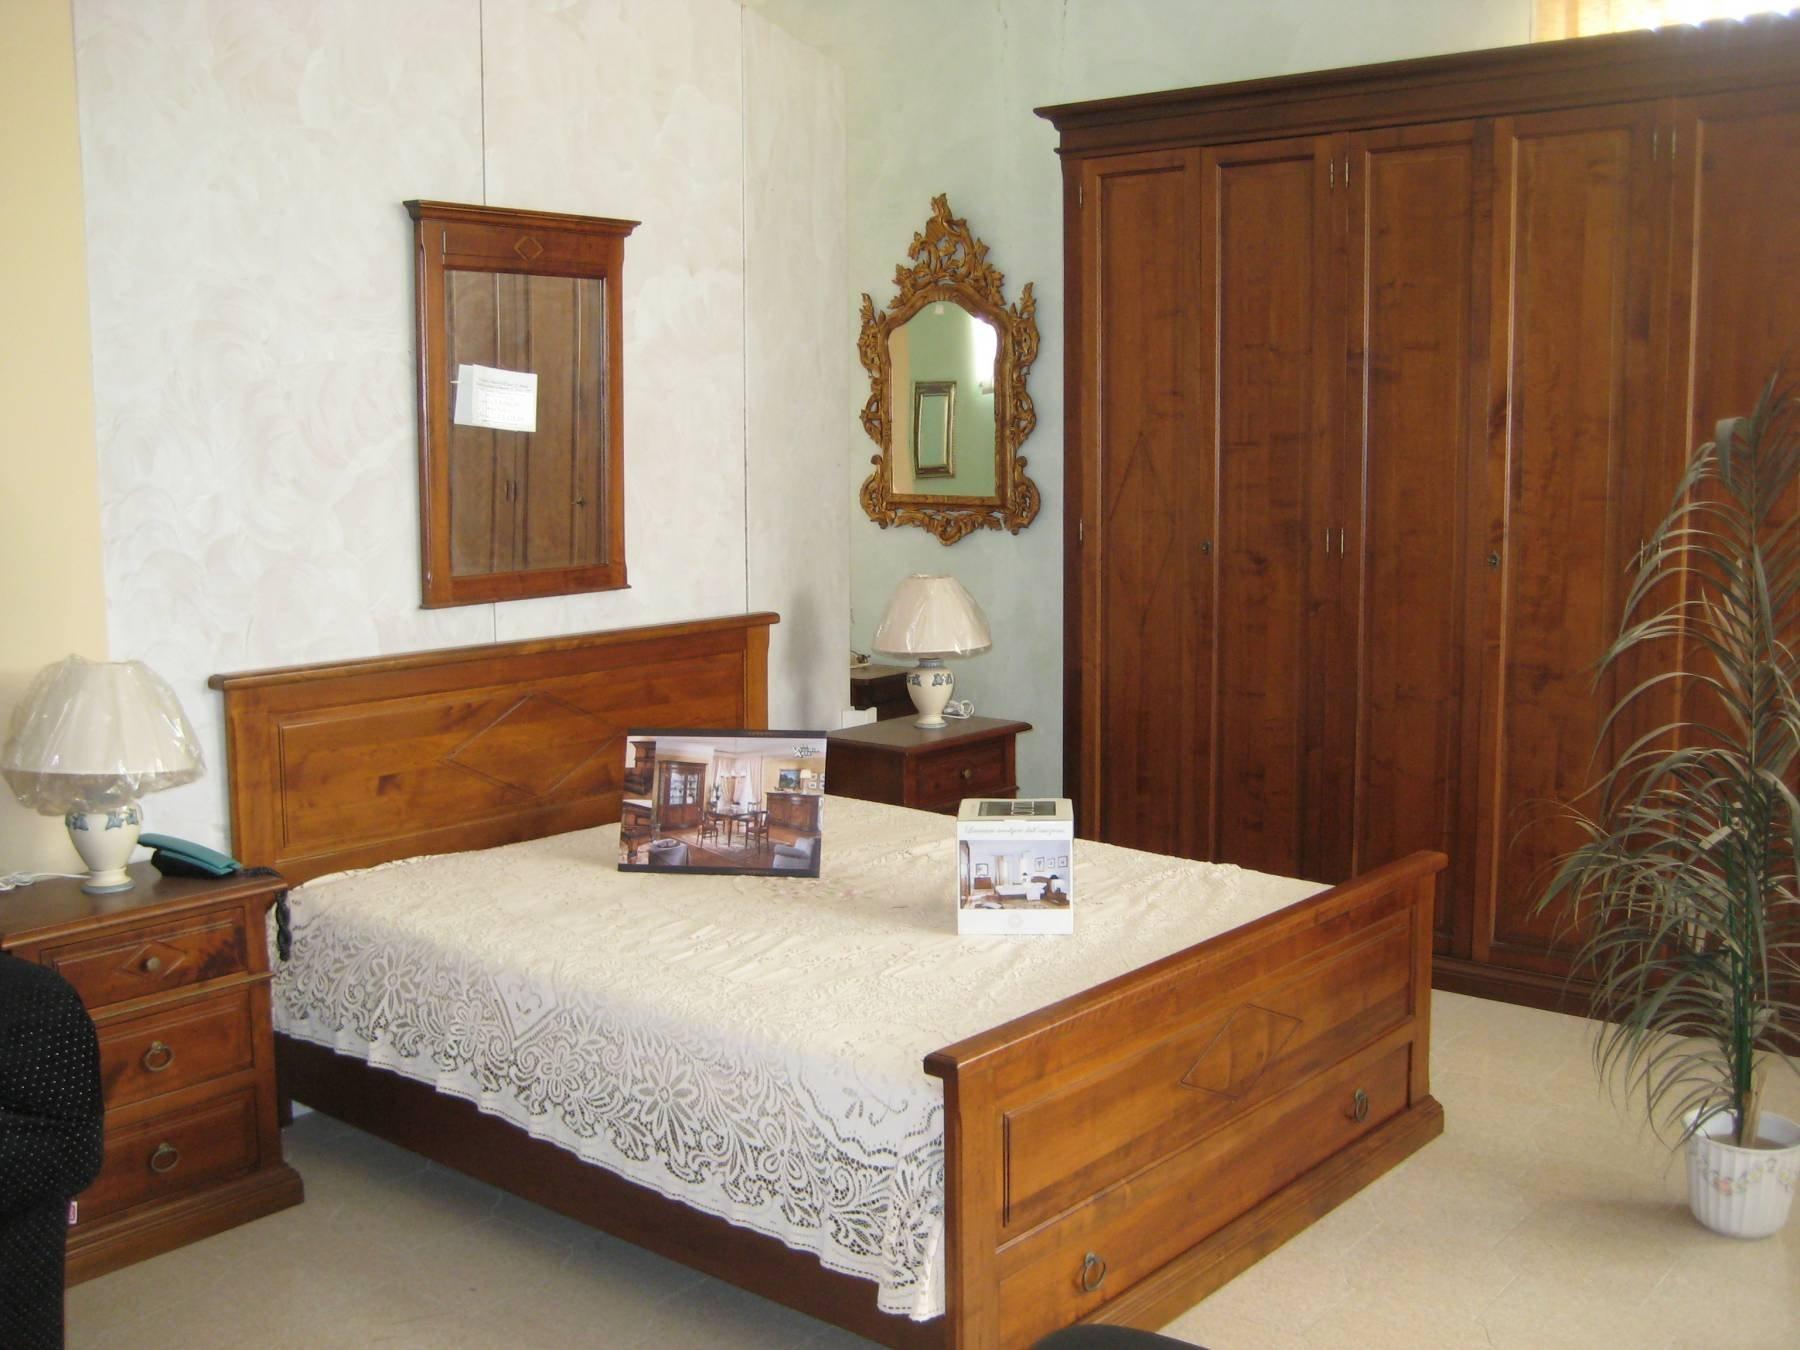 Camera da letto Arte povera modello Firenze - LarredoTrieste